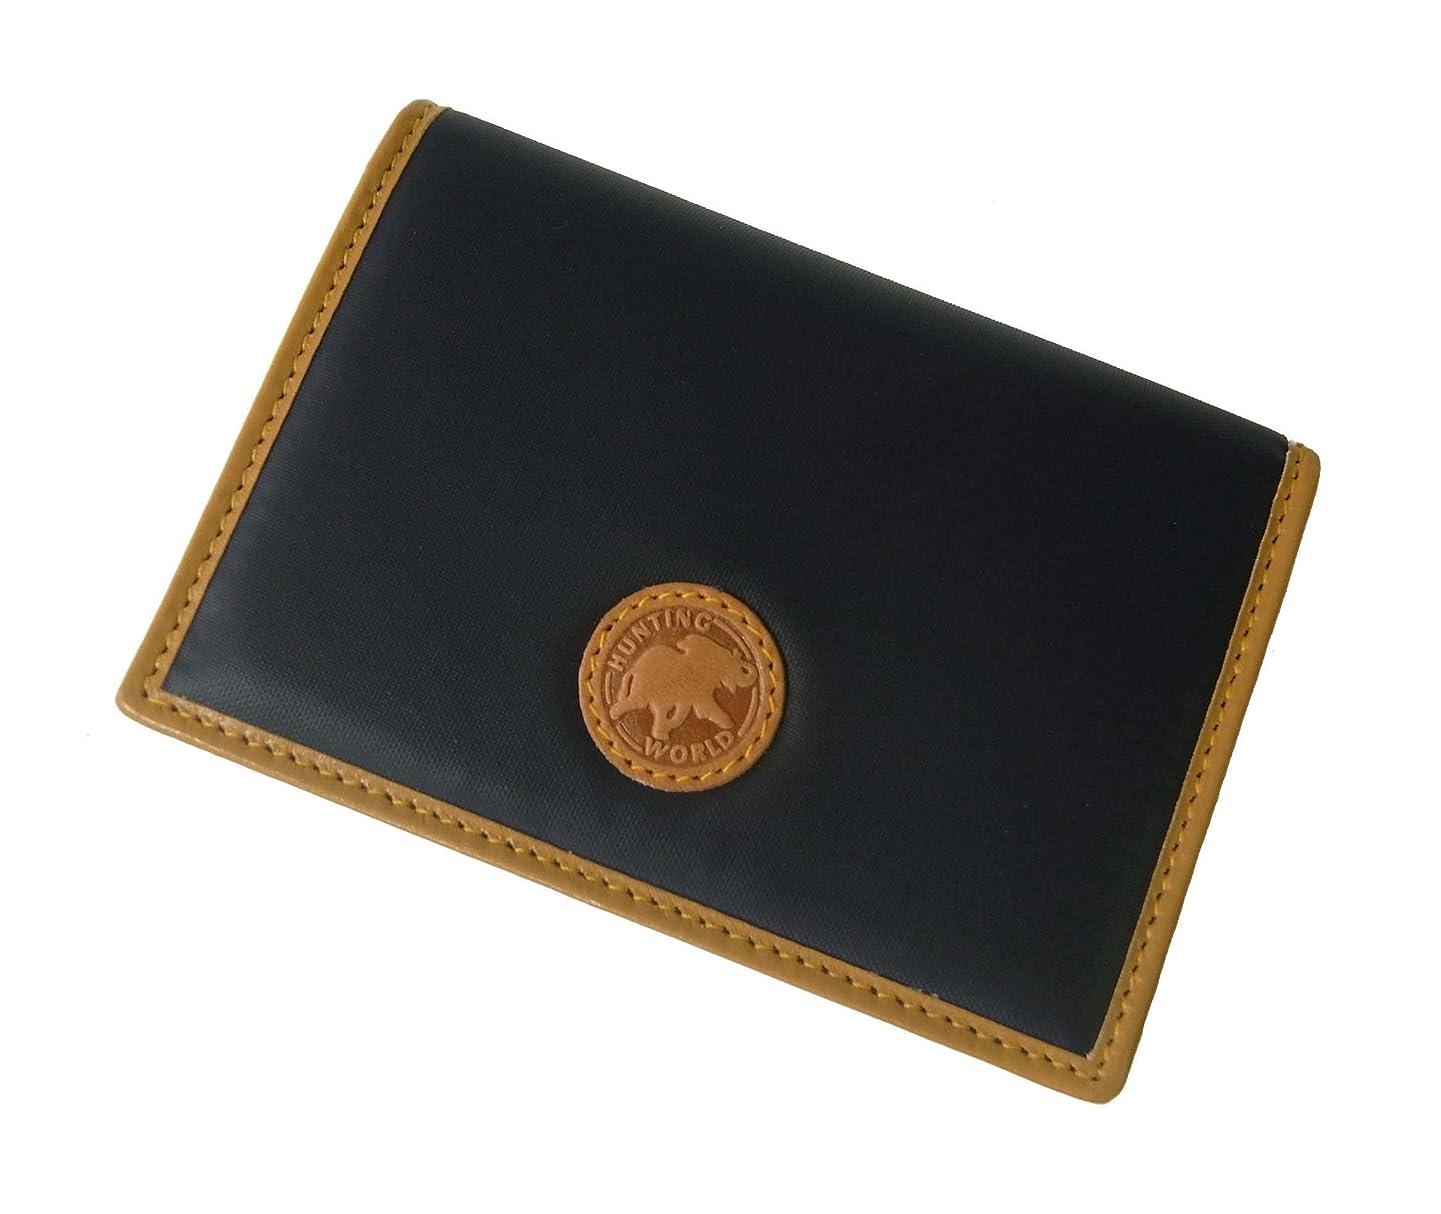 借りるジャンク歩道[ハンティングワールド] 名刺入れ カードケース BATTUE ORIGIN バチュー HW-502 [並行輸入品]